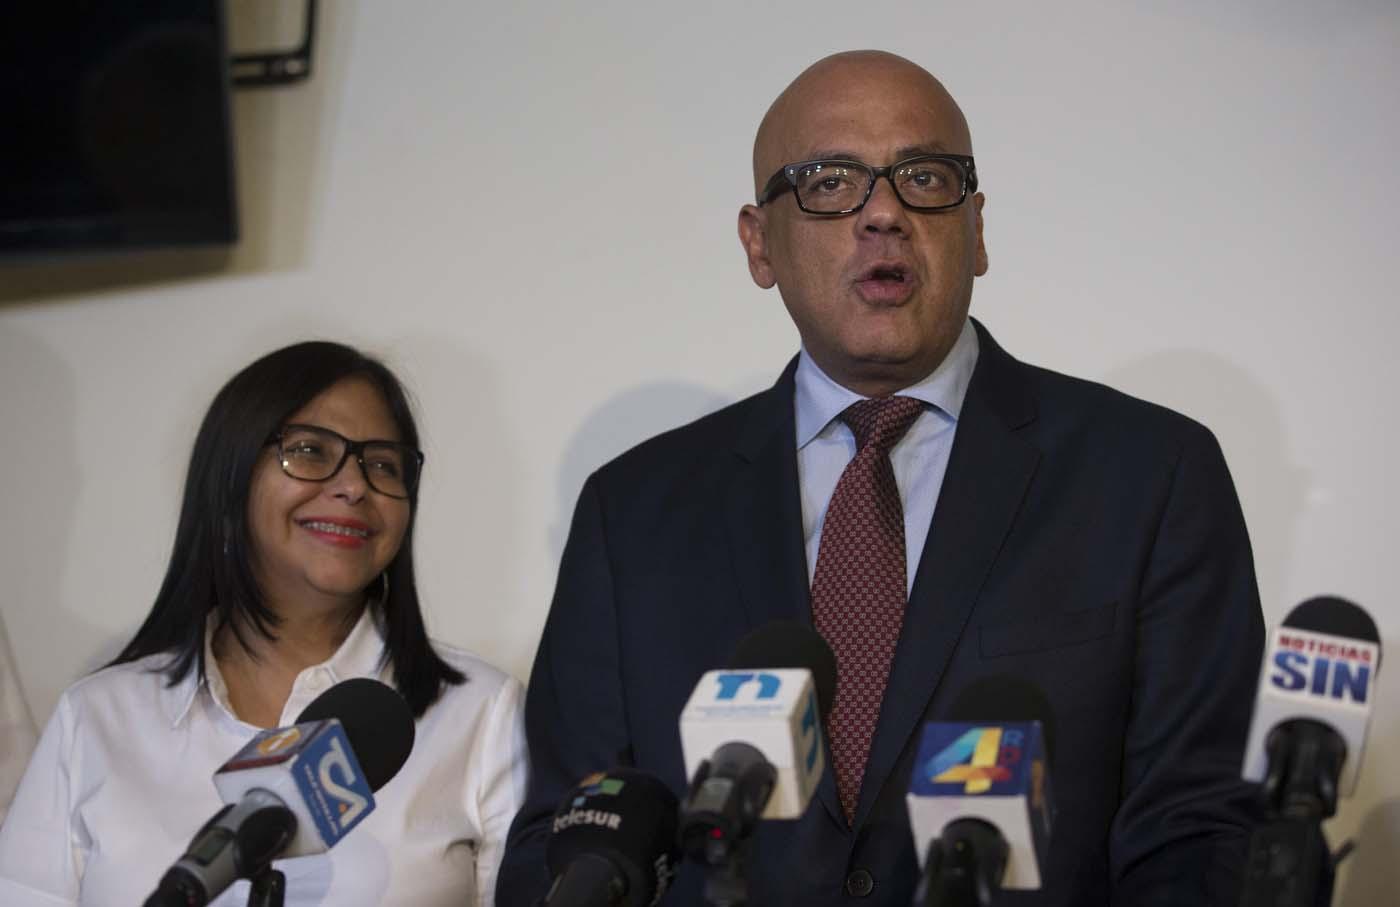 """STO44. SANTO DOMINGO (REPÚBLICA DOMINICANA), 27/09/2017.- La presidenta de la Asamblea Nacional Constituyente (ANC) de Venezuela, Delcy Rodríguez (i), y Jorge Rodríguez, miembro de la delegación gubernamental venezolana ofrecen una conferencia de prensa hoy, miércoles 27 de septiembre de 2017, en Santo Domingo (República Dominicana), donde se refieren al proceso de diálogo con la oposición, el cual se inició hace casi dos semanas y debió continuar hoy. El canciller dominicano, Miguel Vargas, dijo hoy que es """"muy seguro"""" de que esta misma semana el Gobierno venezolano y la oposición volverán a reunirse en Santo Domingo, para continuar con su búsqueda de alcanzar una salida """"estable, democrática y pacífica"""" a la crisis en ese país. EFE/Orlando Barría"""